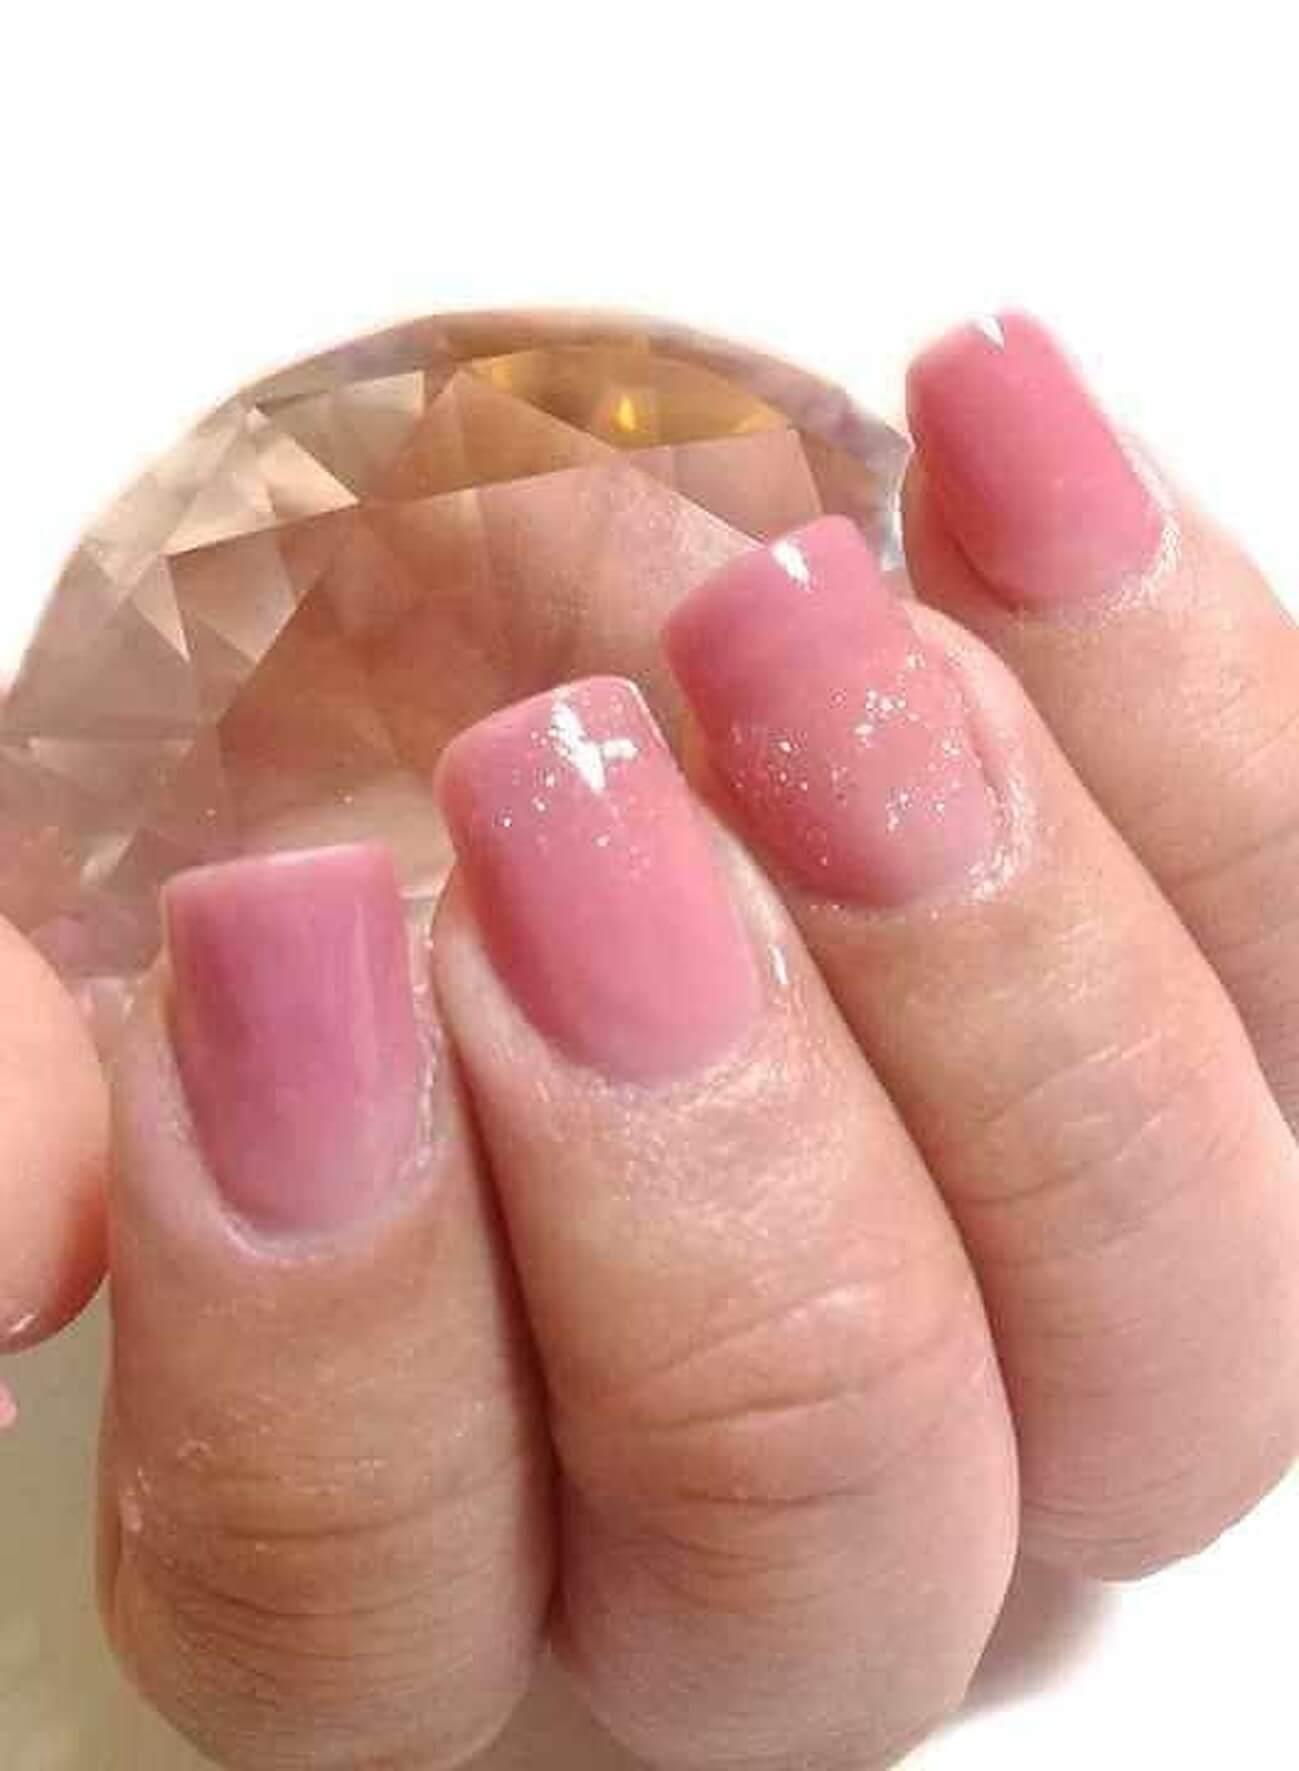 Pink quartz nails uñas acrilicas rosa cuarzo en Devoto Capital Federal ##.